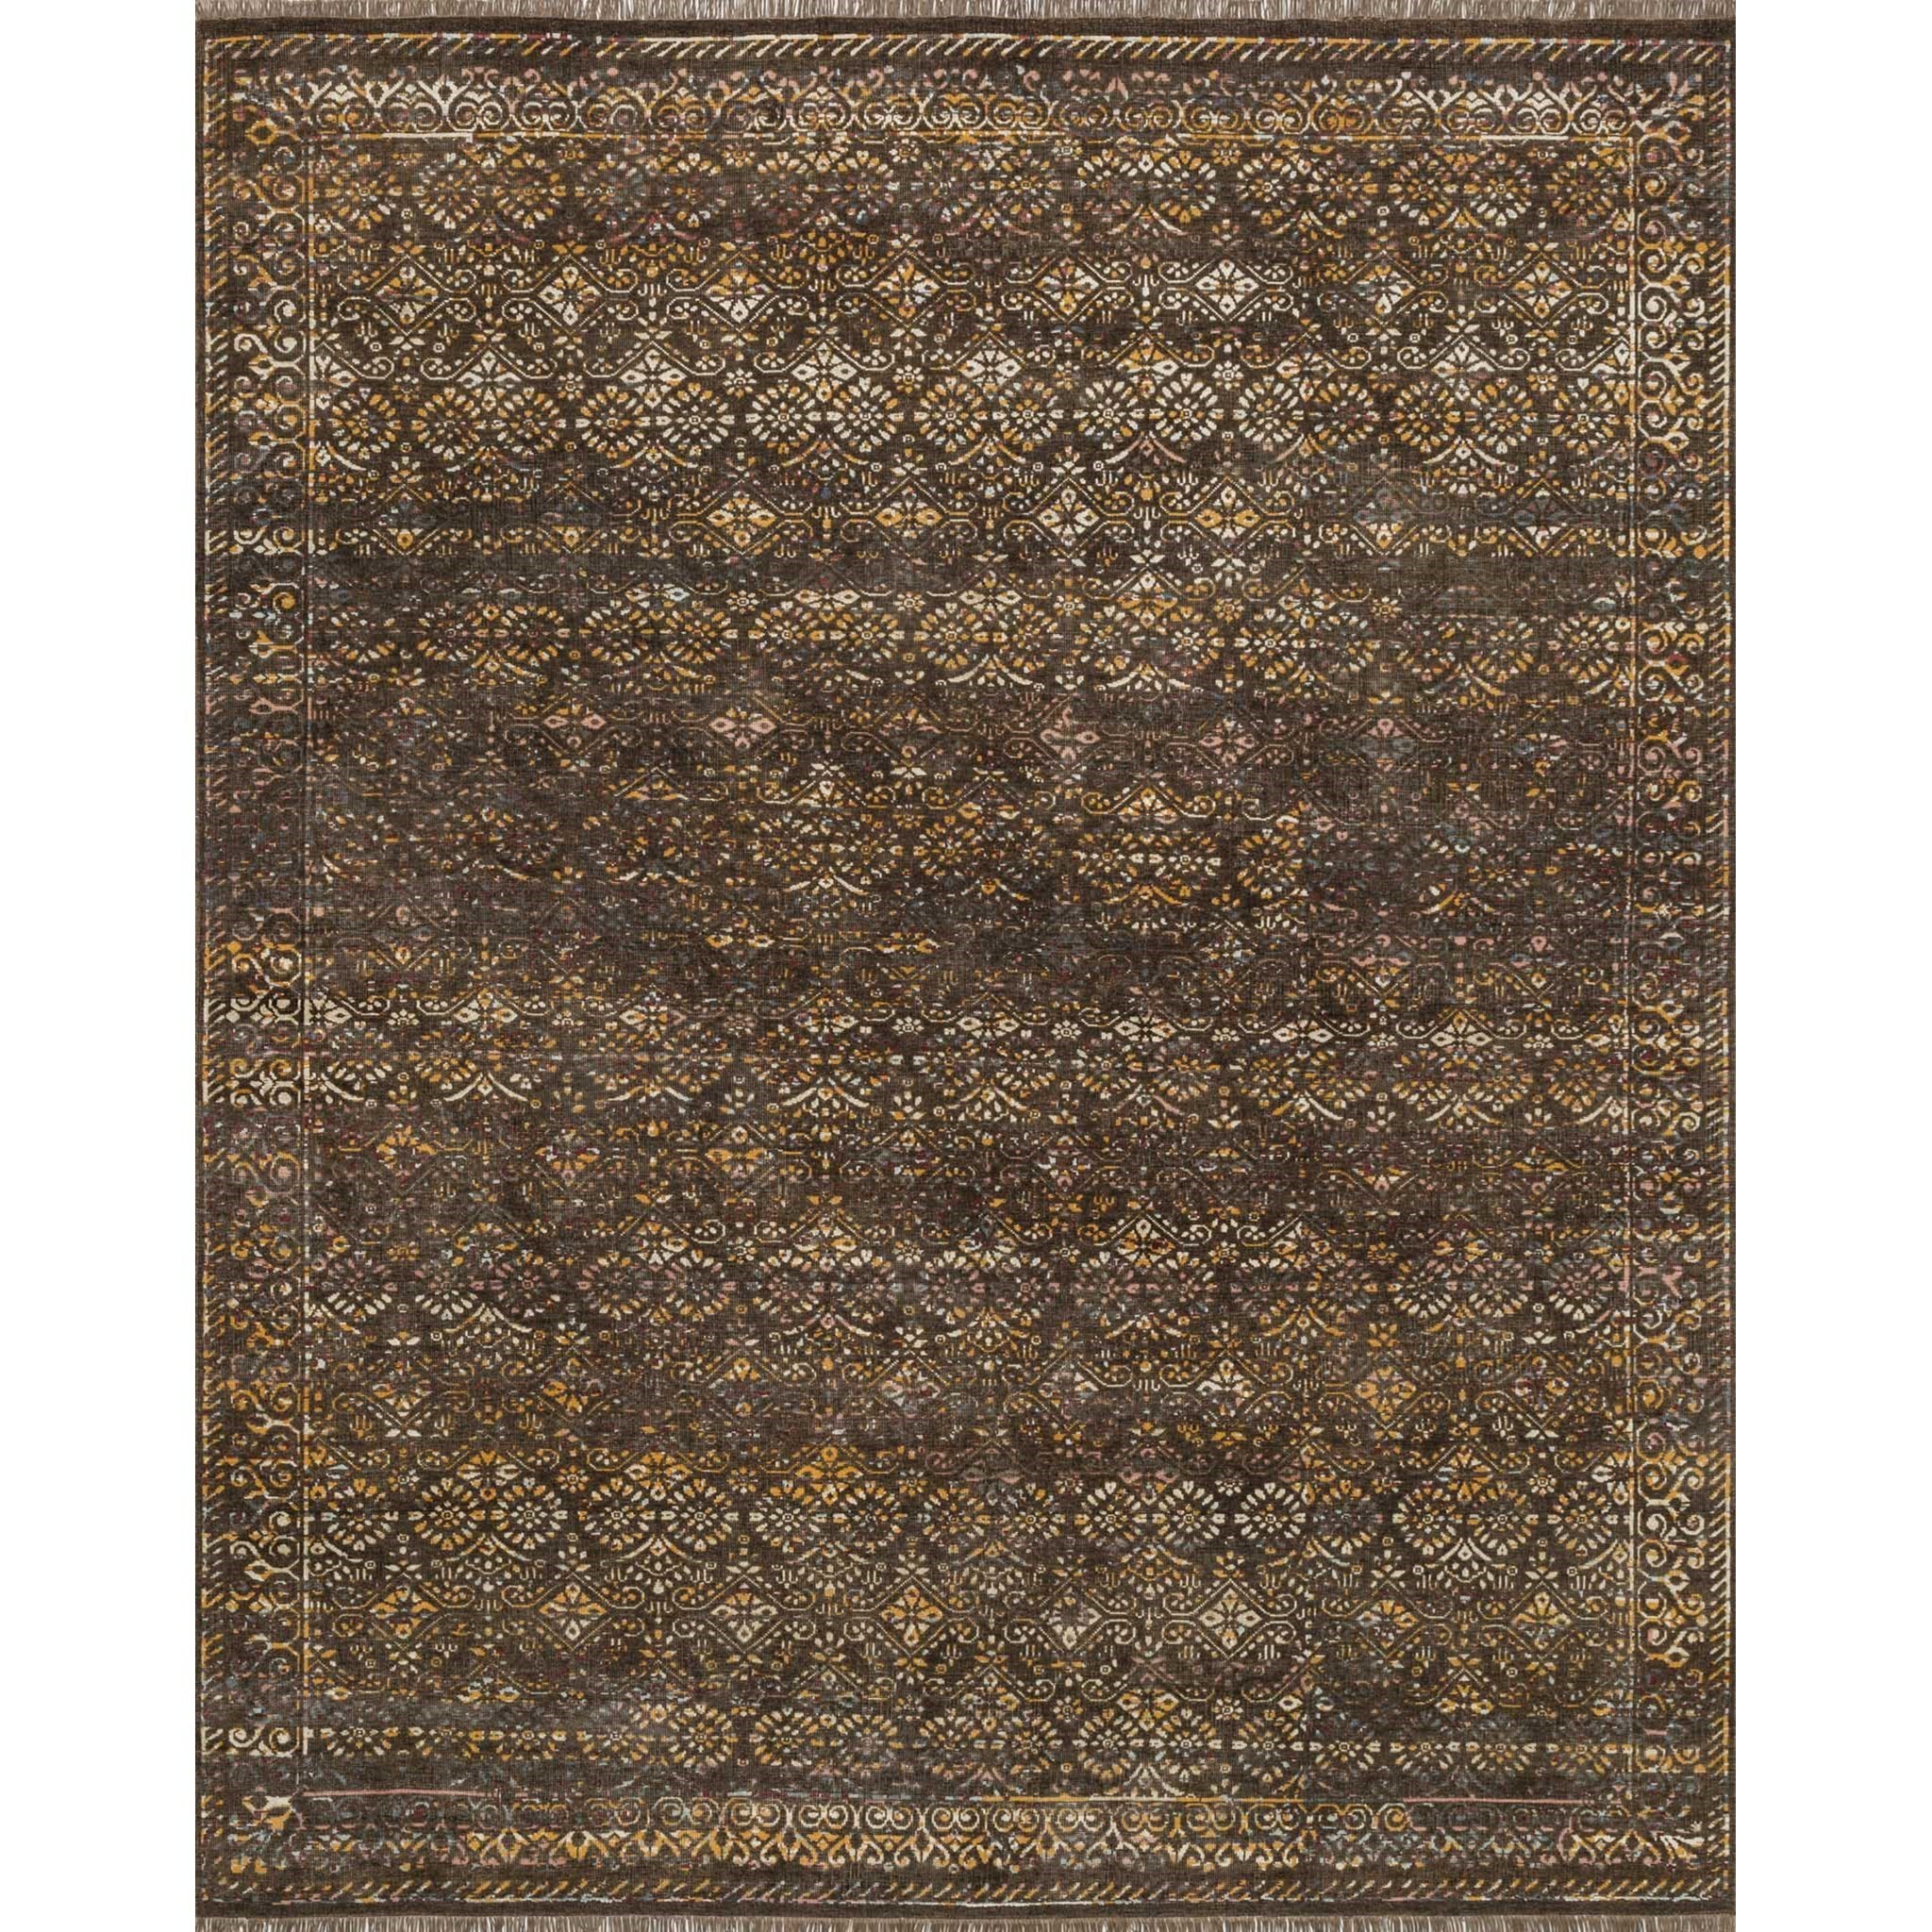 """Ashton 7'-9"""" x 9'-9"""" Area Rug by Loloi Rugs at Sprintz Furniture"""